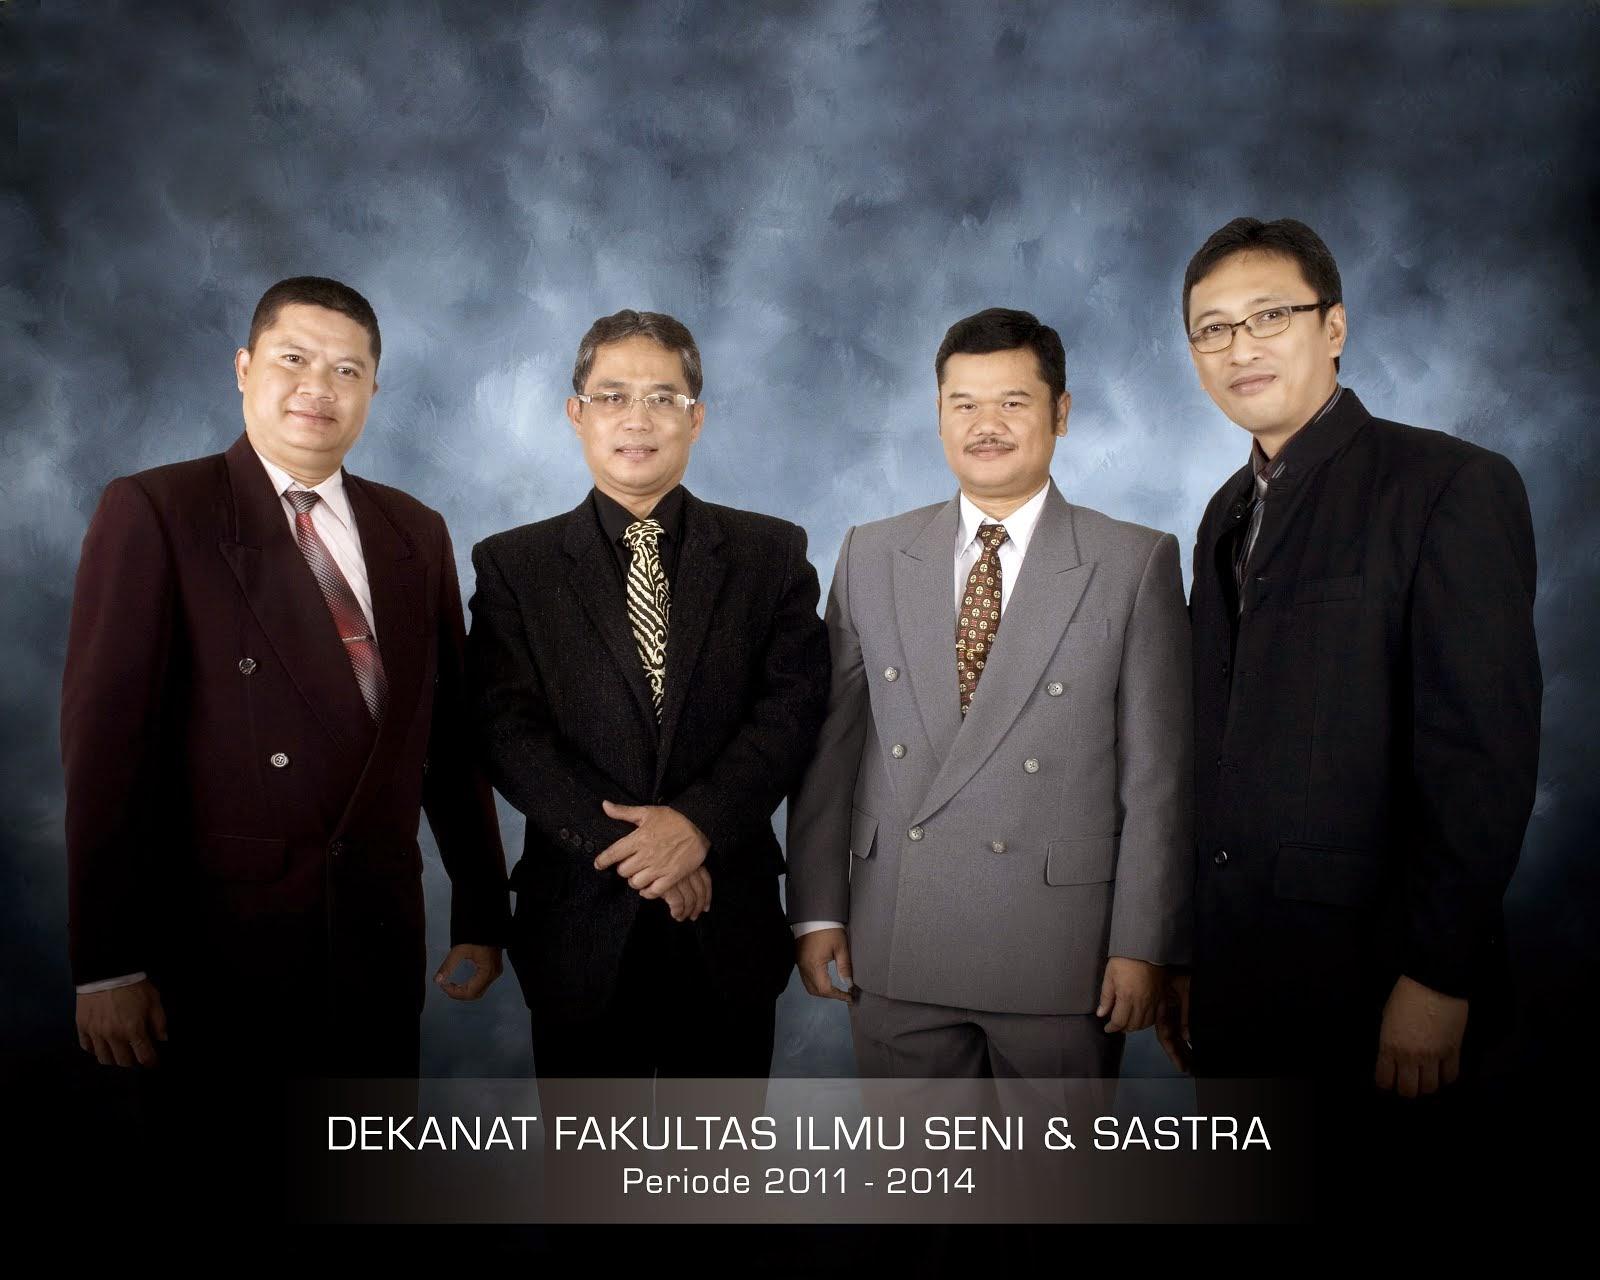 Dekanat FISS 2011-2014